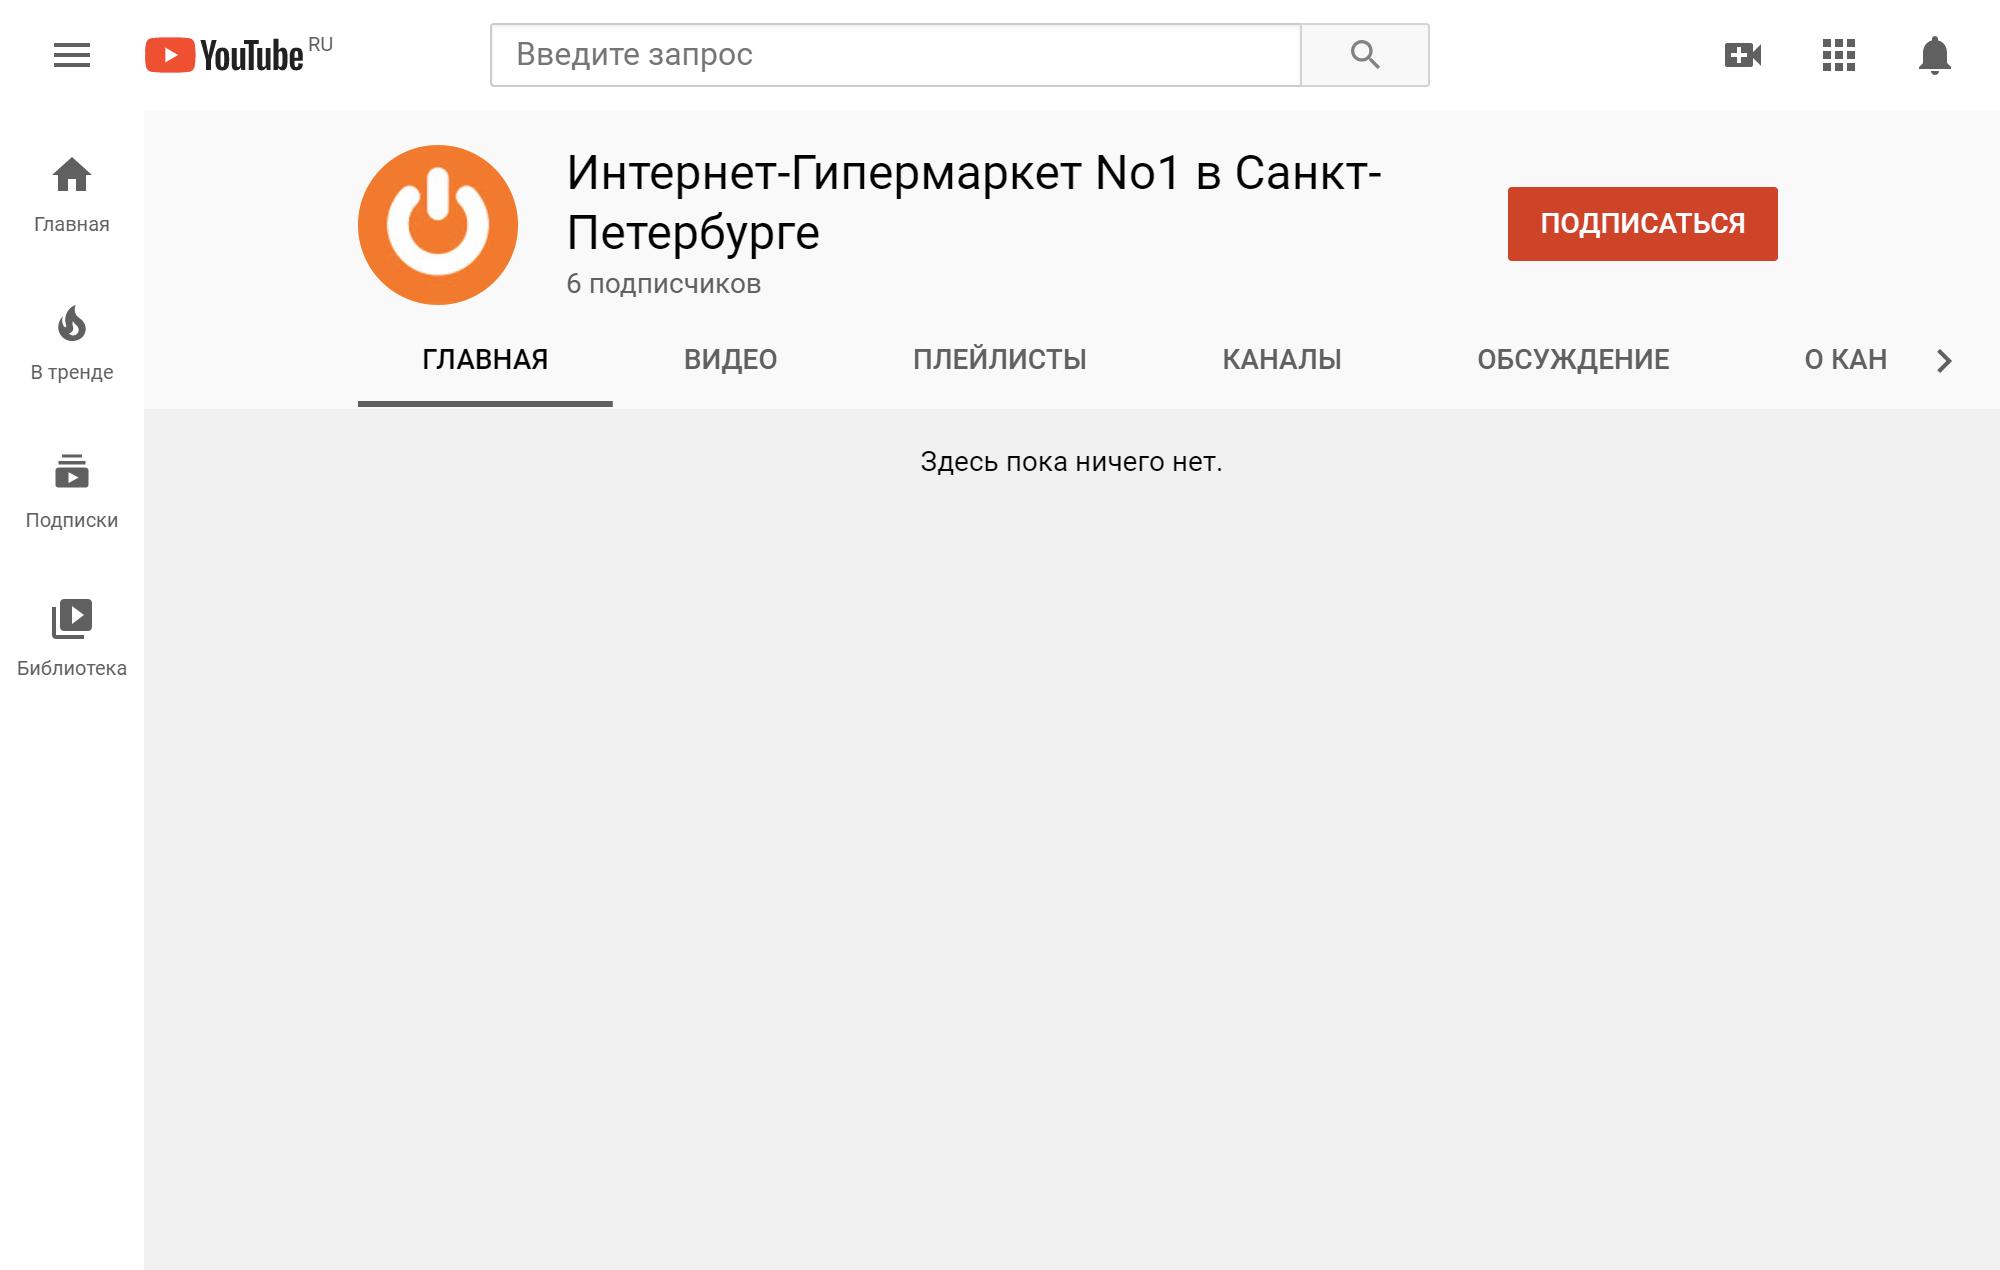 Магазин не опубликовал на своем канале ни одного видео в открытом доступе. Названия магазина тоже нет, но мошенники опять акцентируют внимание на городе